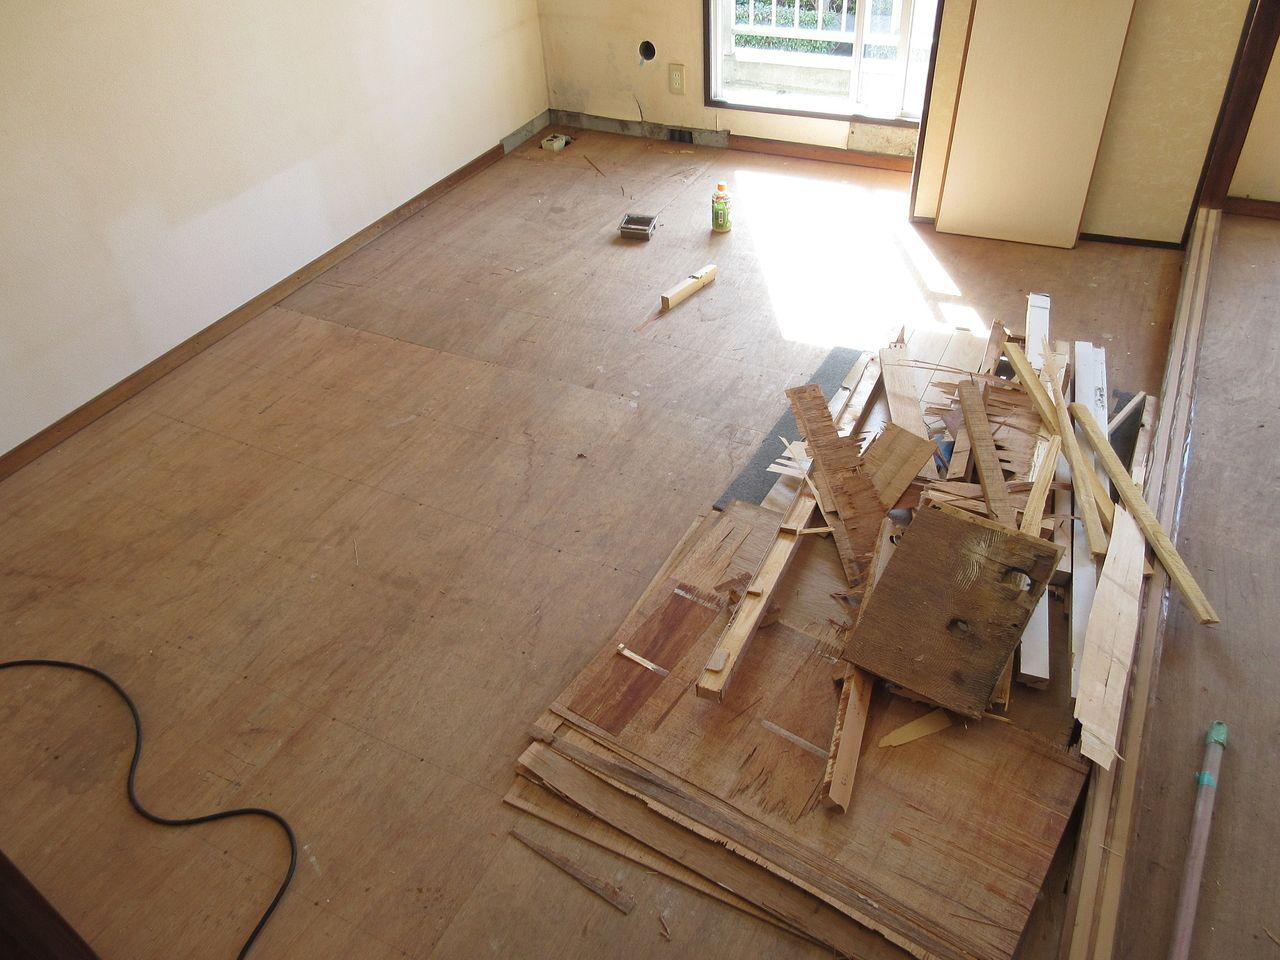 みなさまこんにちは。DIY可能な賃他部屋の実現のために改修工事が始まりました。そこで、ブログで工事状況などをお伝えしていきます。